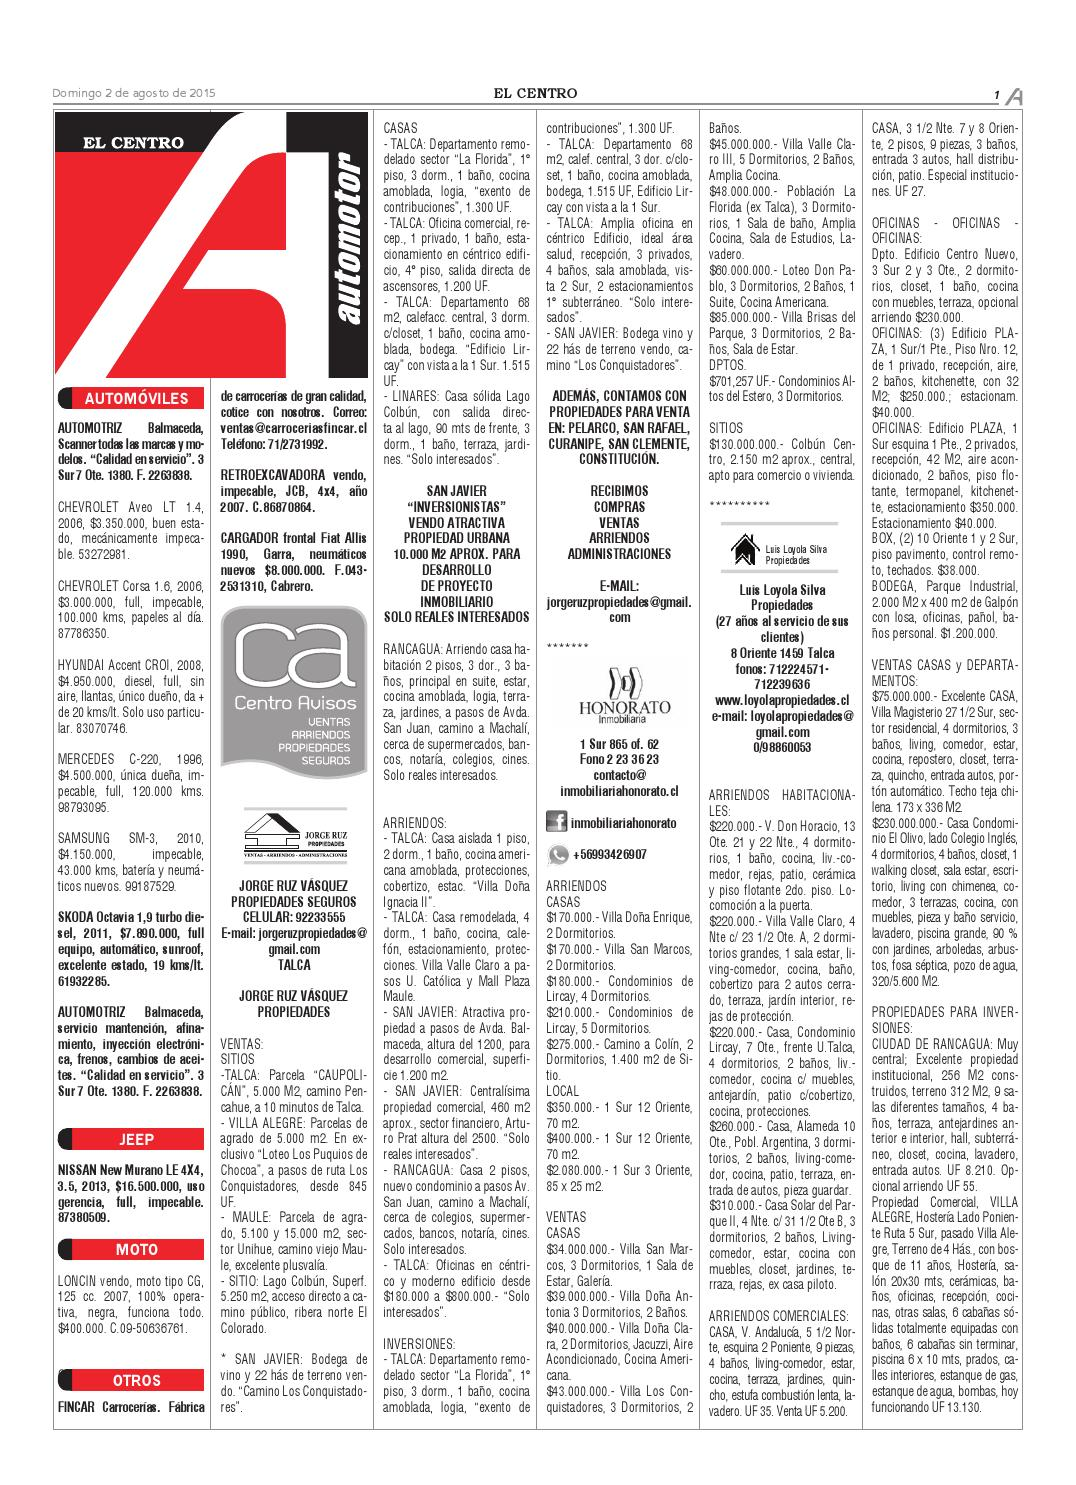 Economicos 02-08-2015 by Diario El Centro S.A - issuu